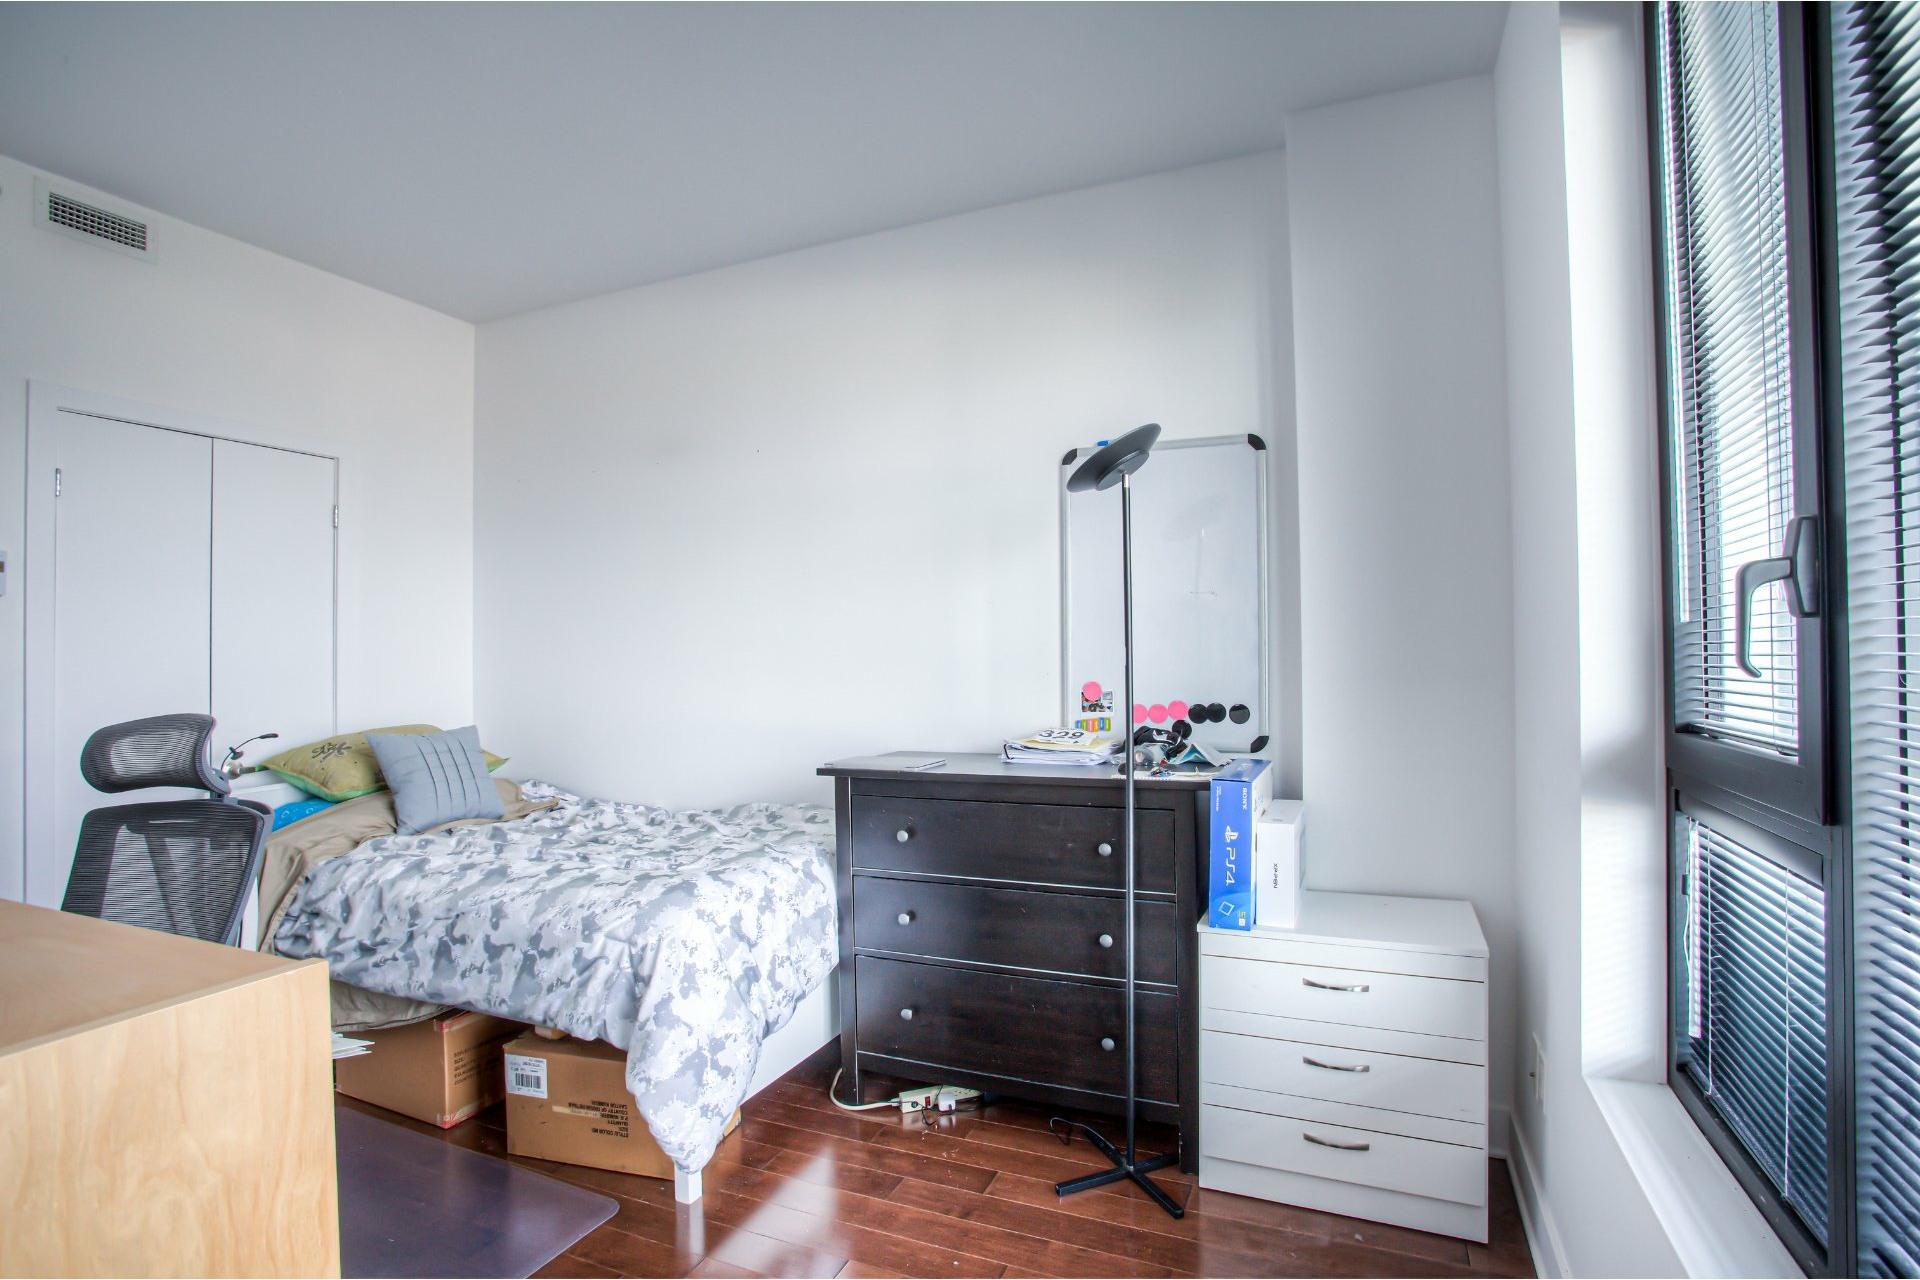 image 18 - Apartment For rent Côte-des-Neiges/Notre-Dame-de-Grâce Montréal  - 5 rooms